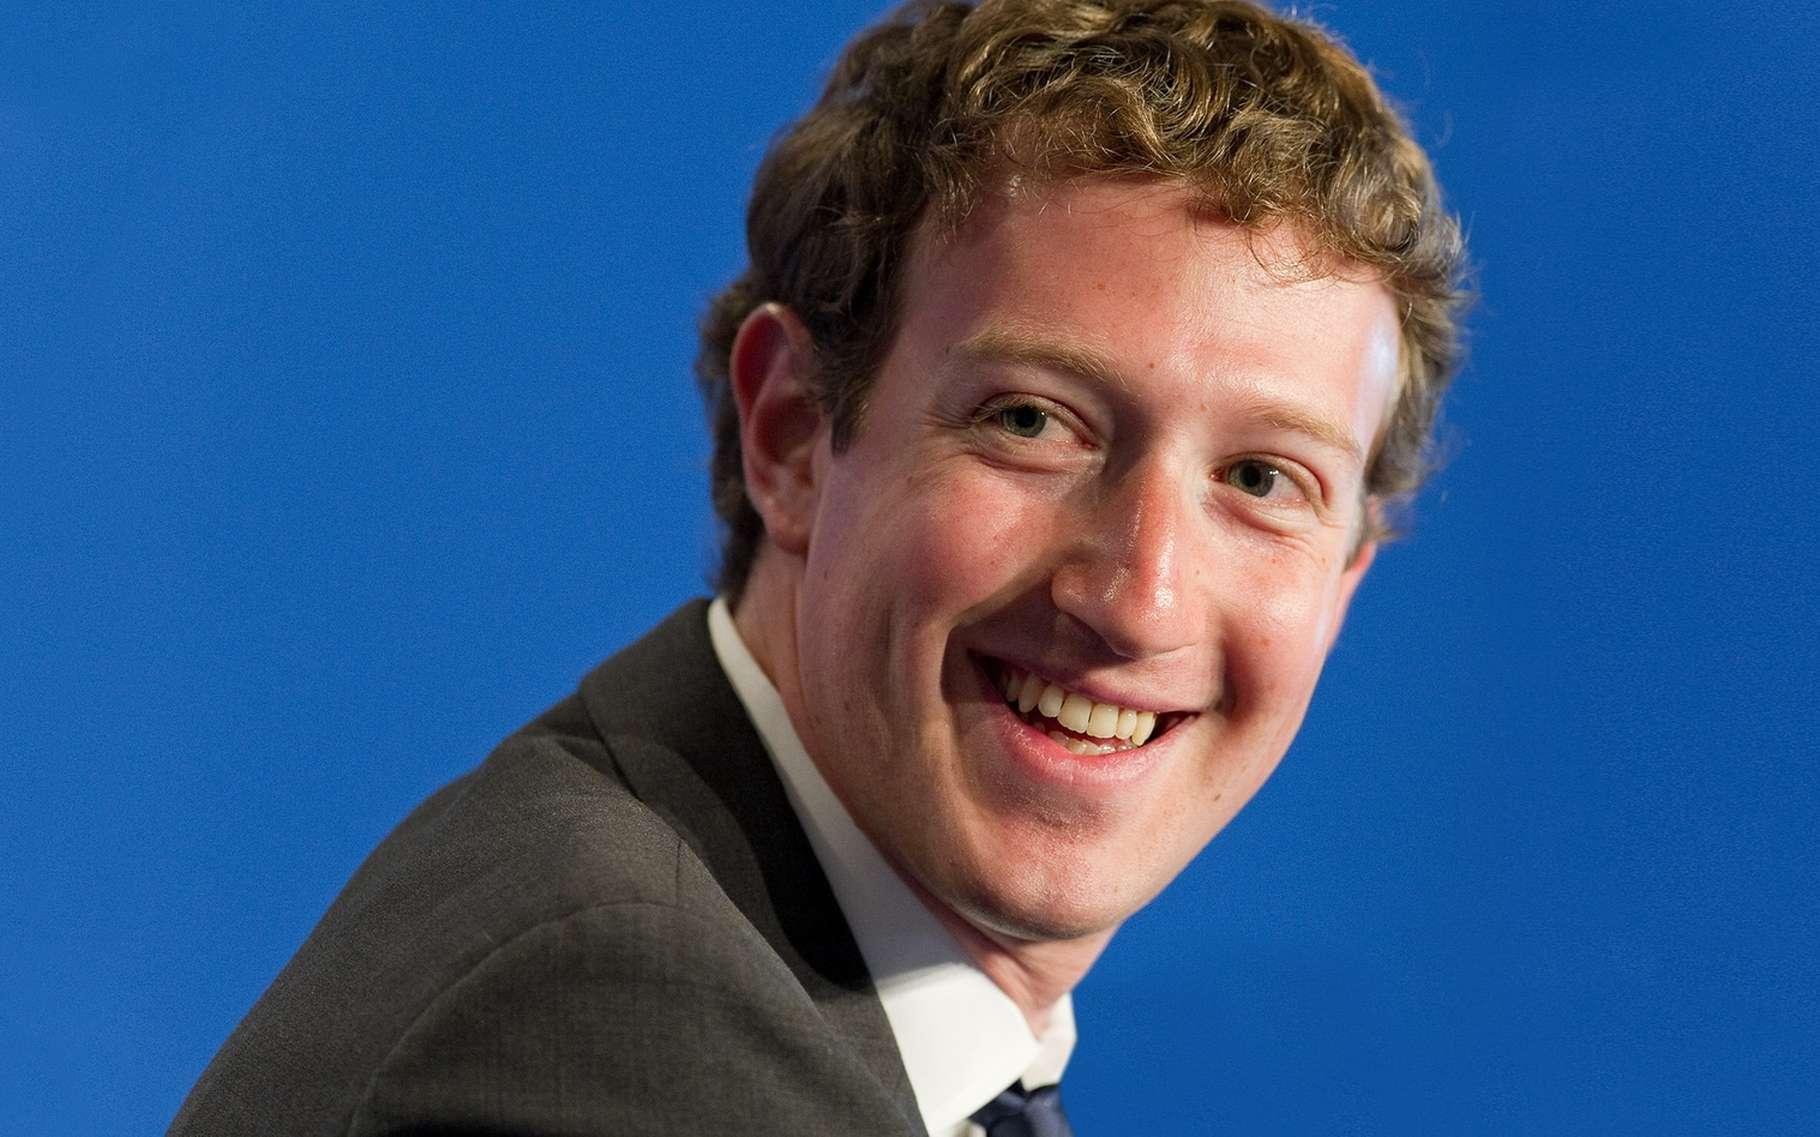 Mark Zuckerberg s'engage à financer la recherche pour vaincre la plupart des maladies. © Frederic Legrand, COMEO, Shutterstock